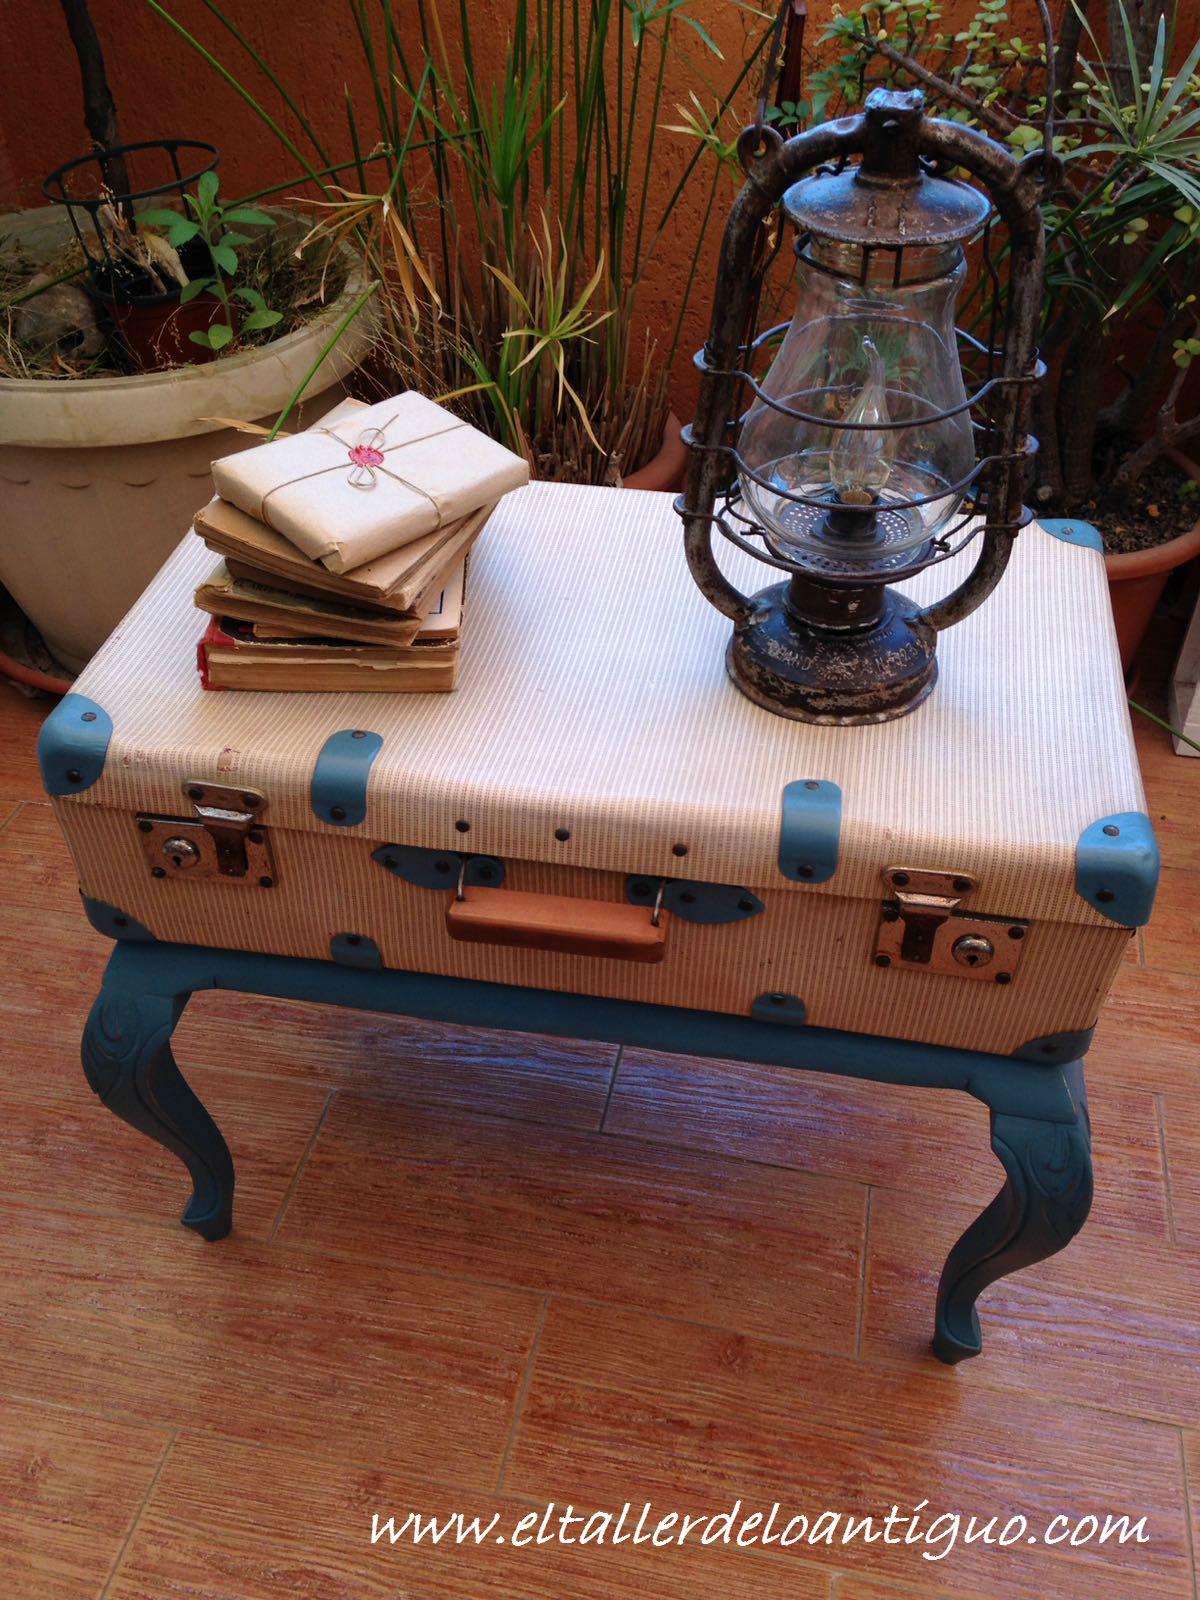 Restaurar maleta antigua y decora con ella el taller - El taller de lo antiguo ...